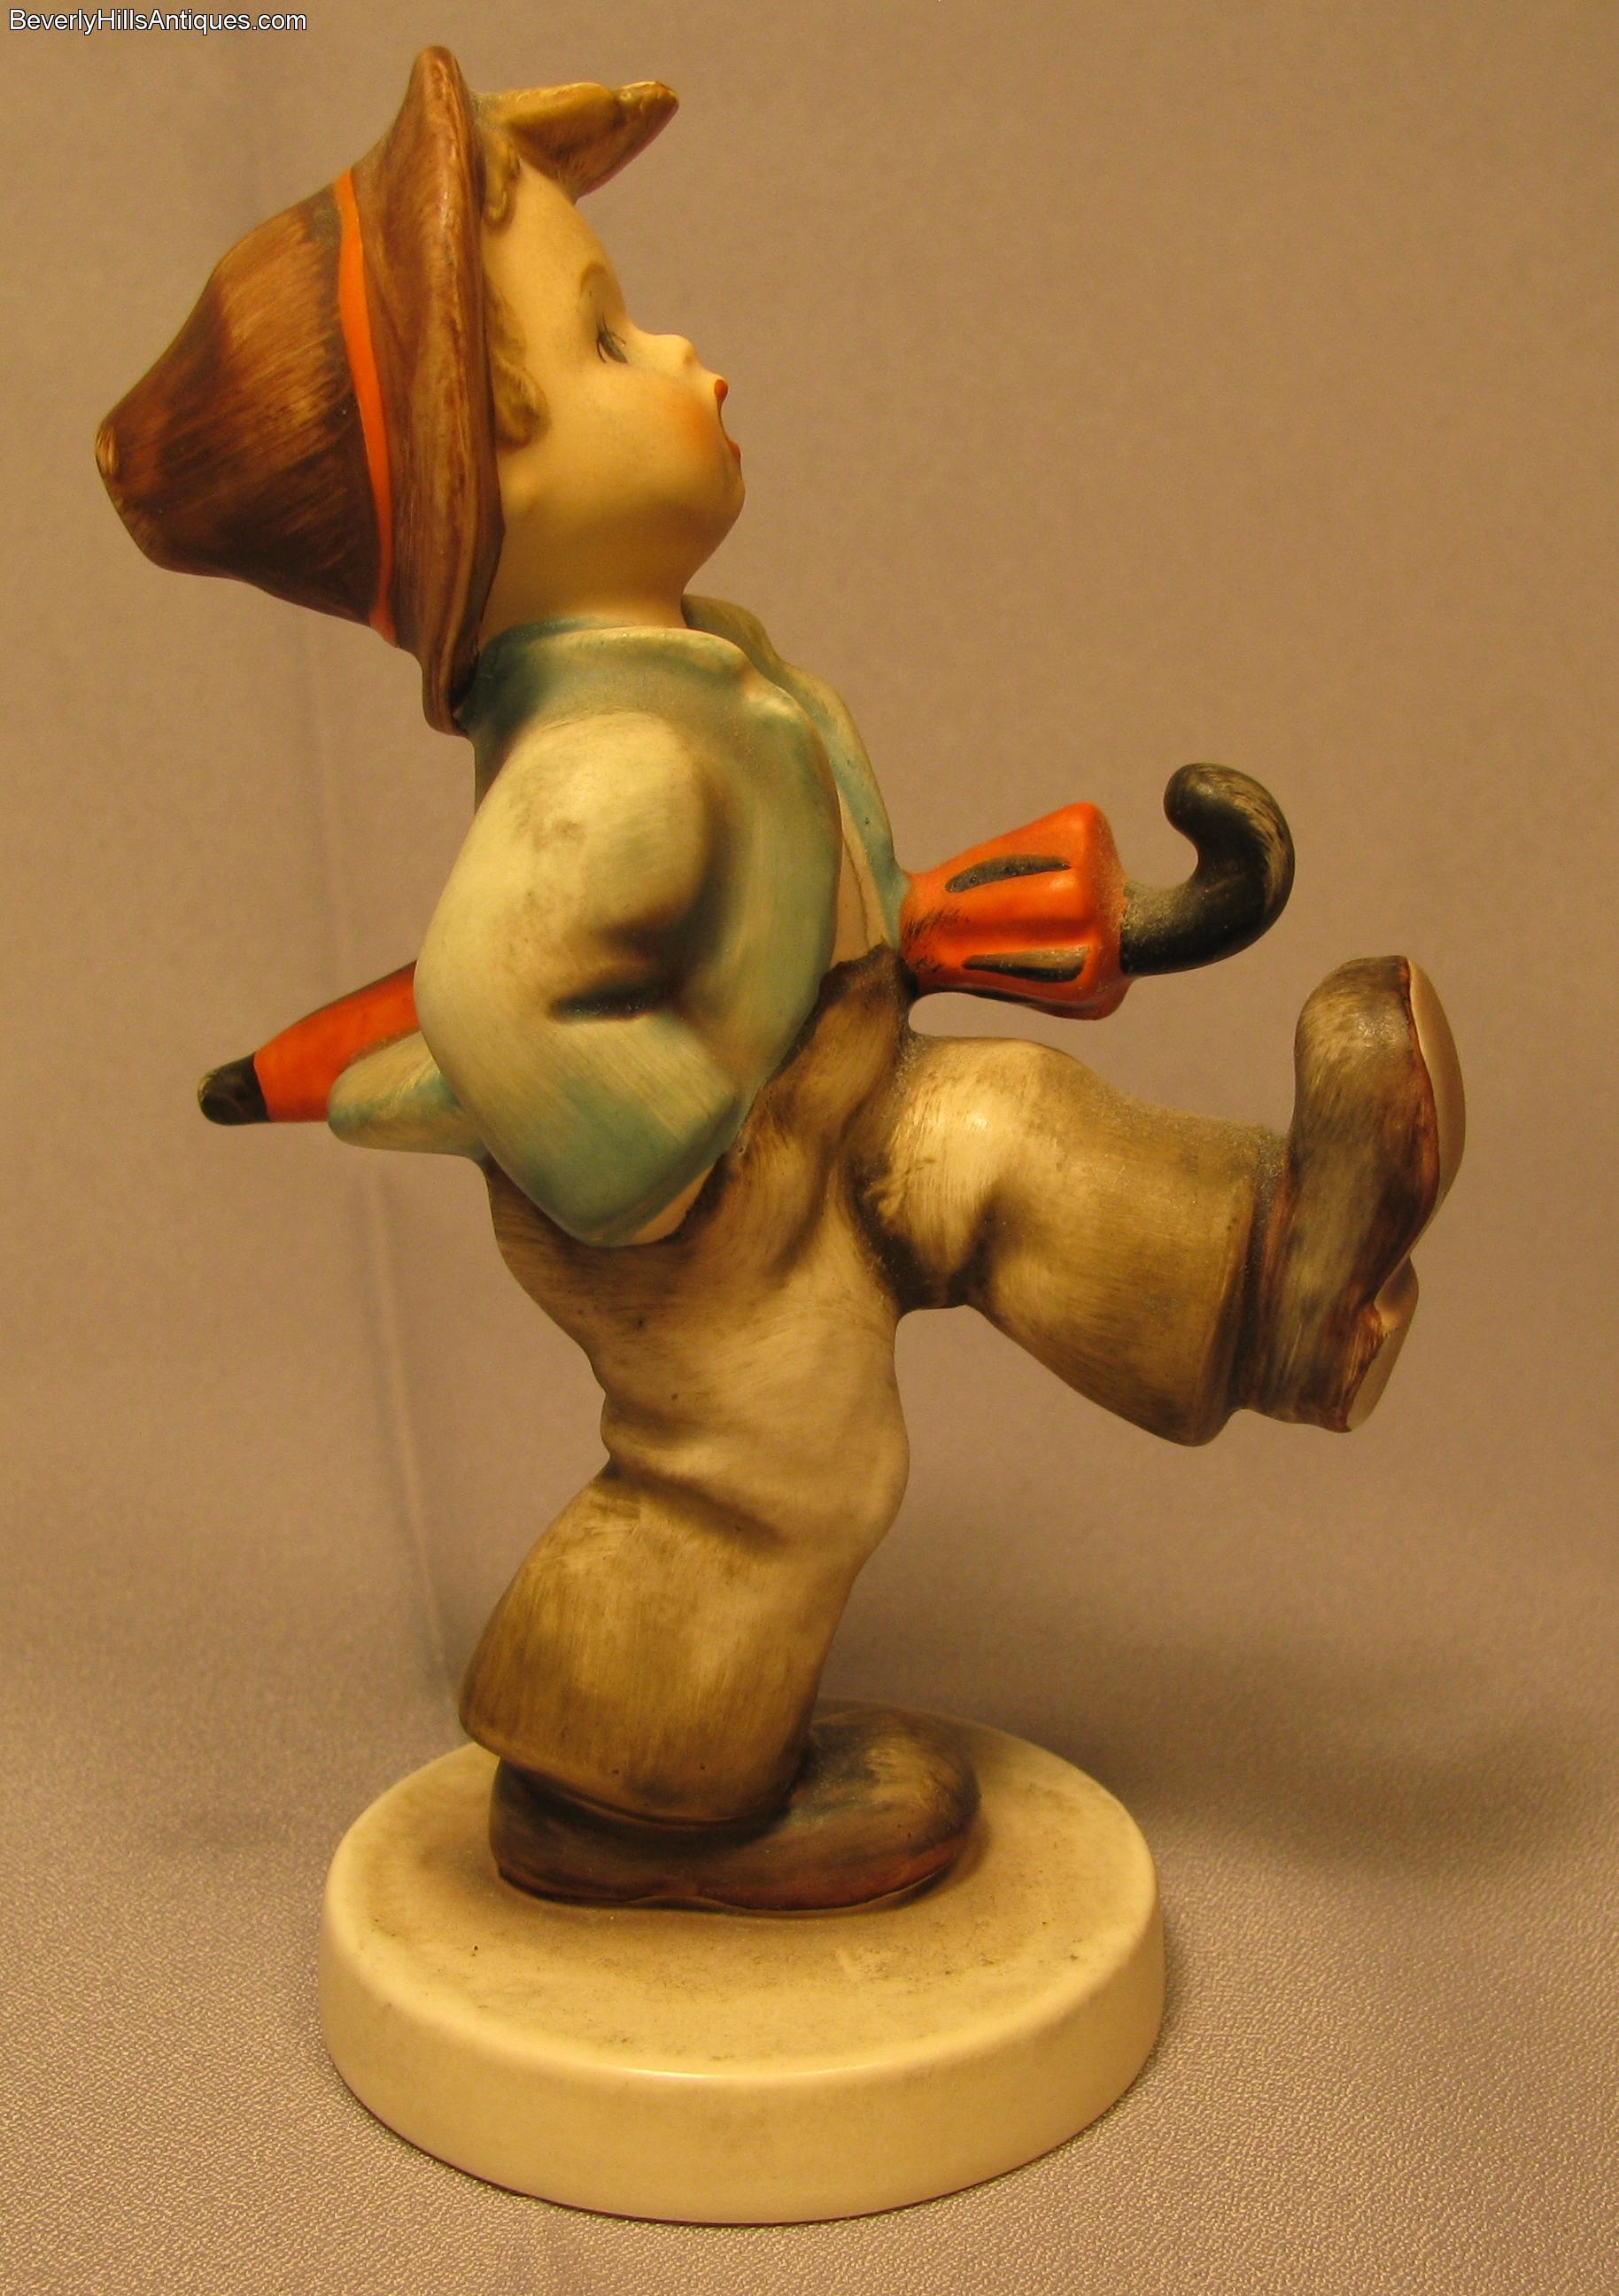 antique figurines value